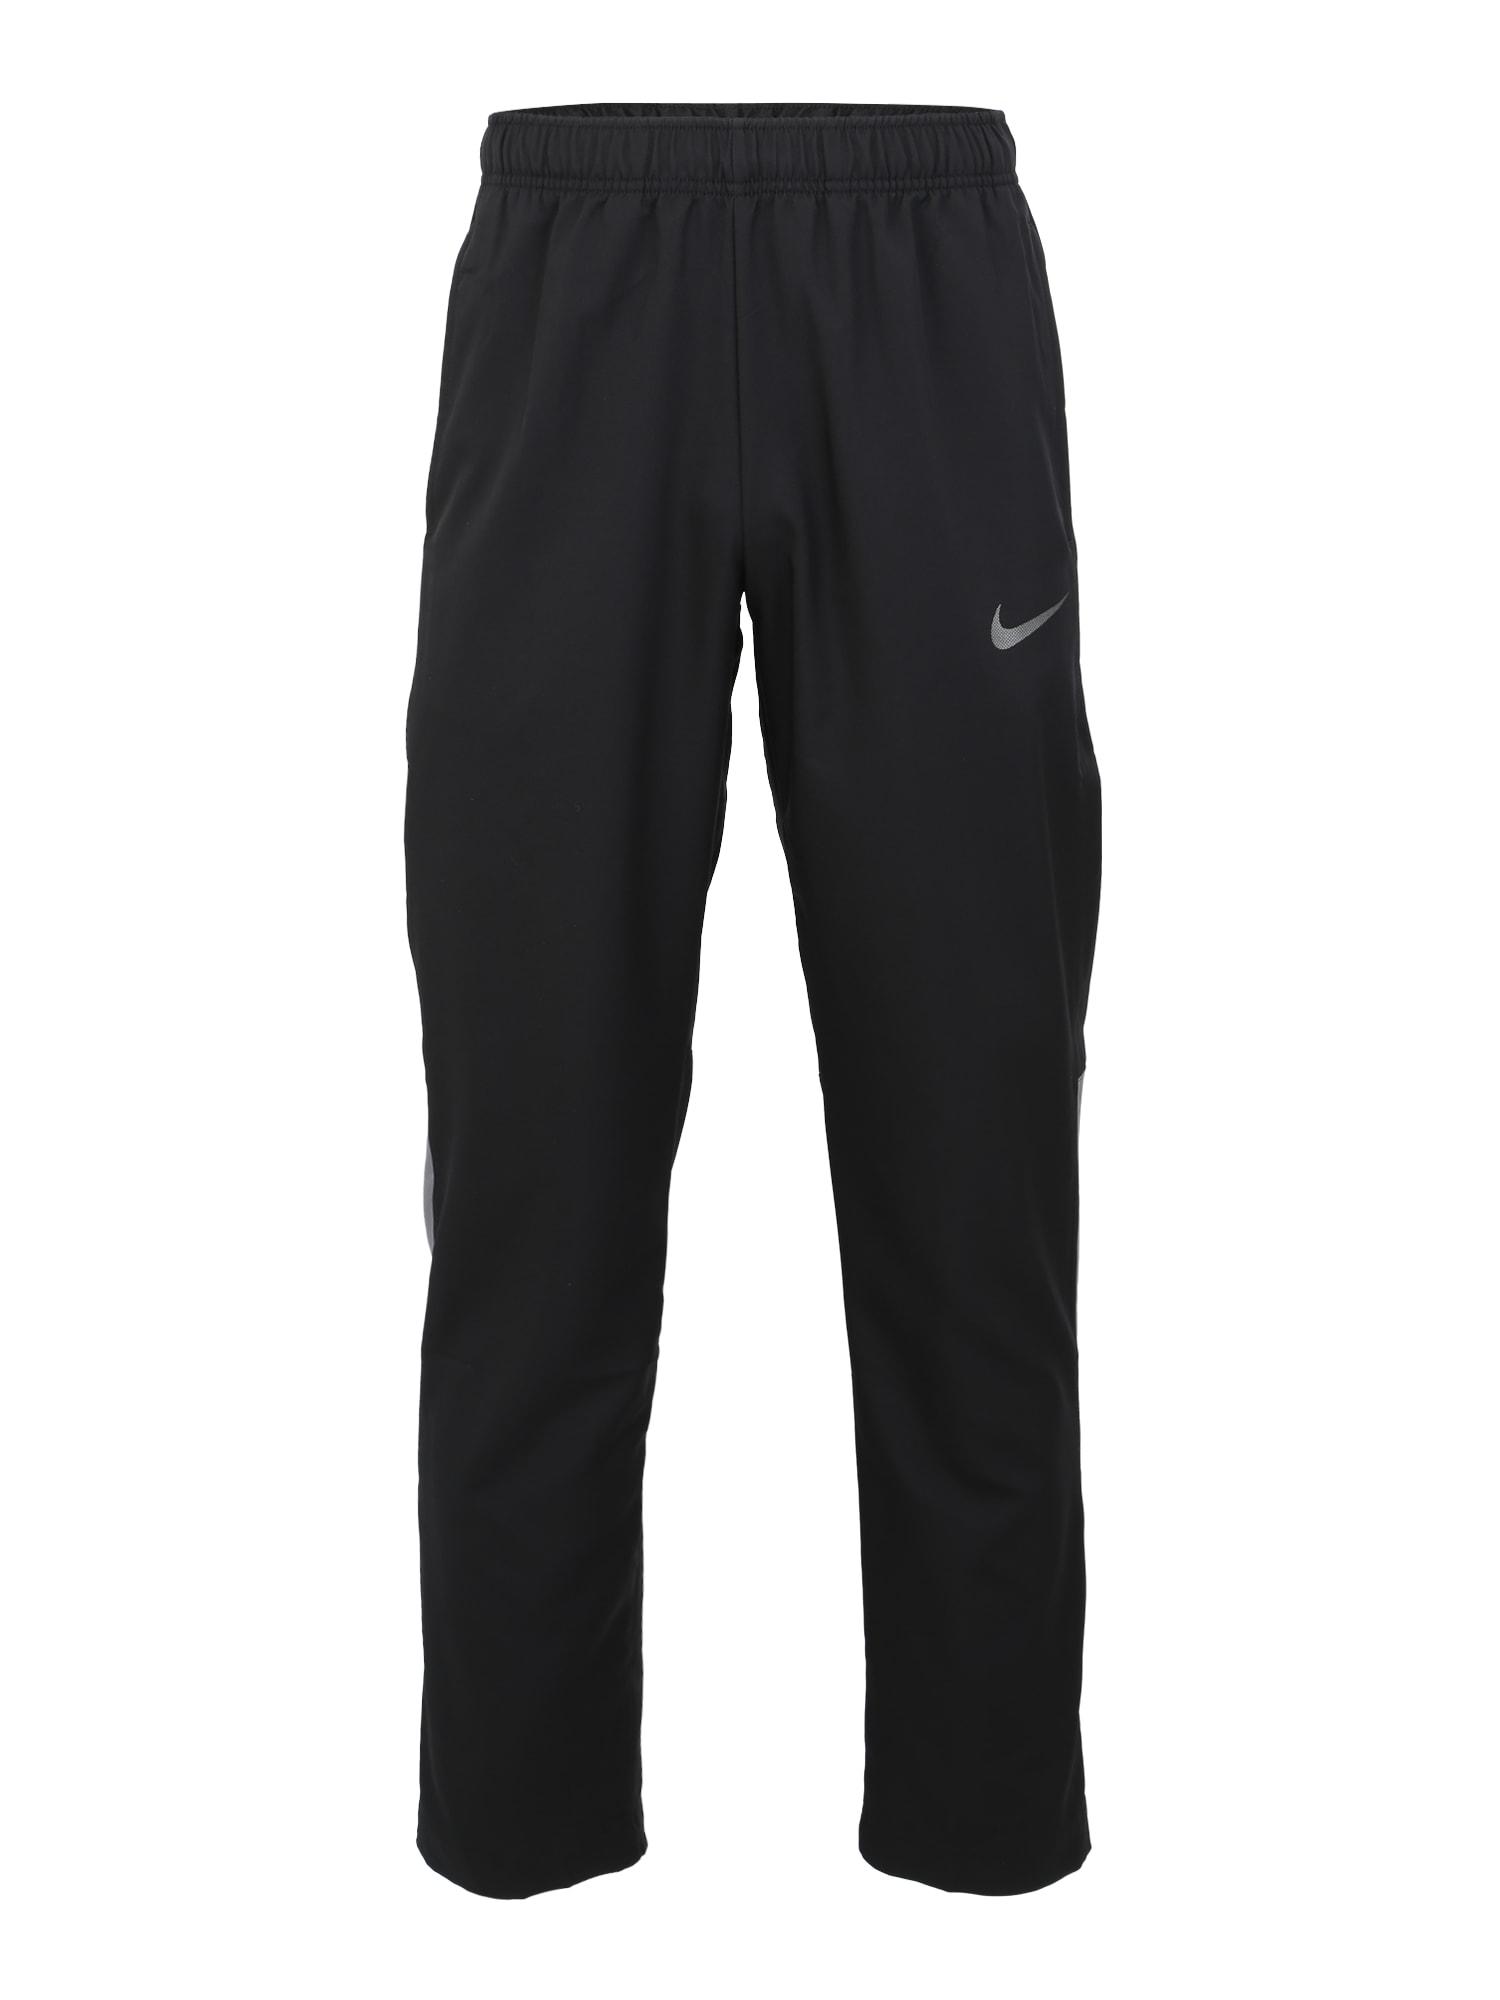 Sportovní kalhoty Dry Team Woven černá NIKE